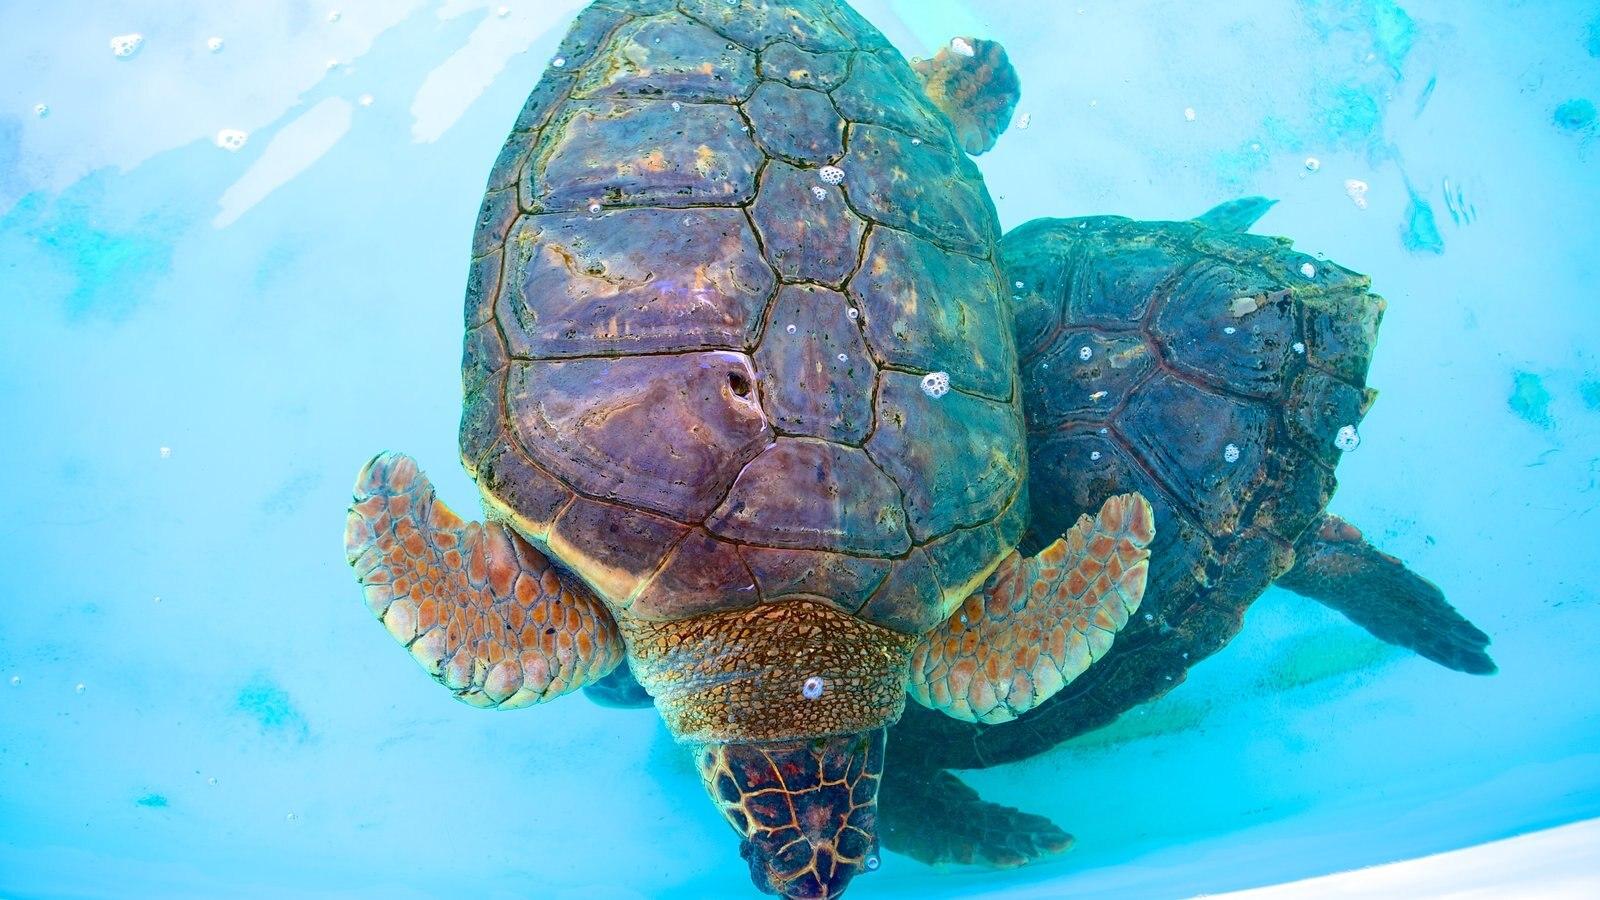 Projeto Tamar mostrando animais de zoológico e vida marinha